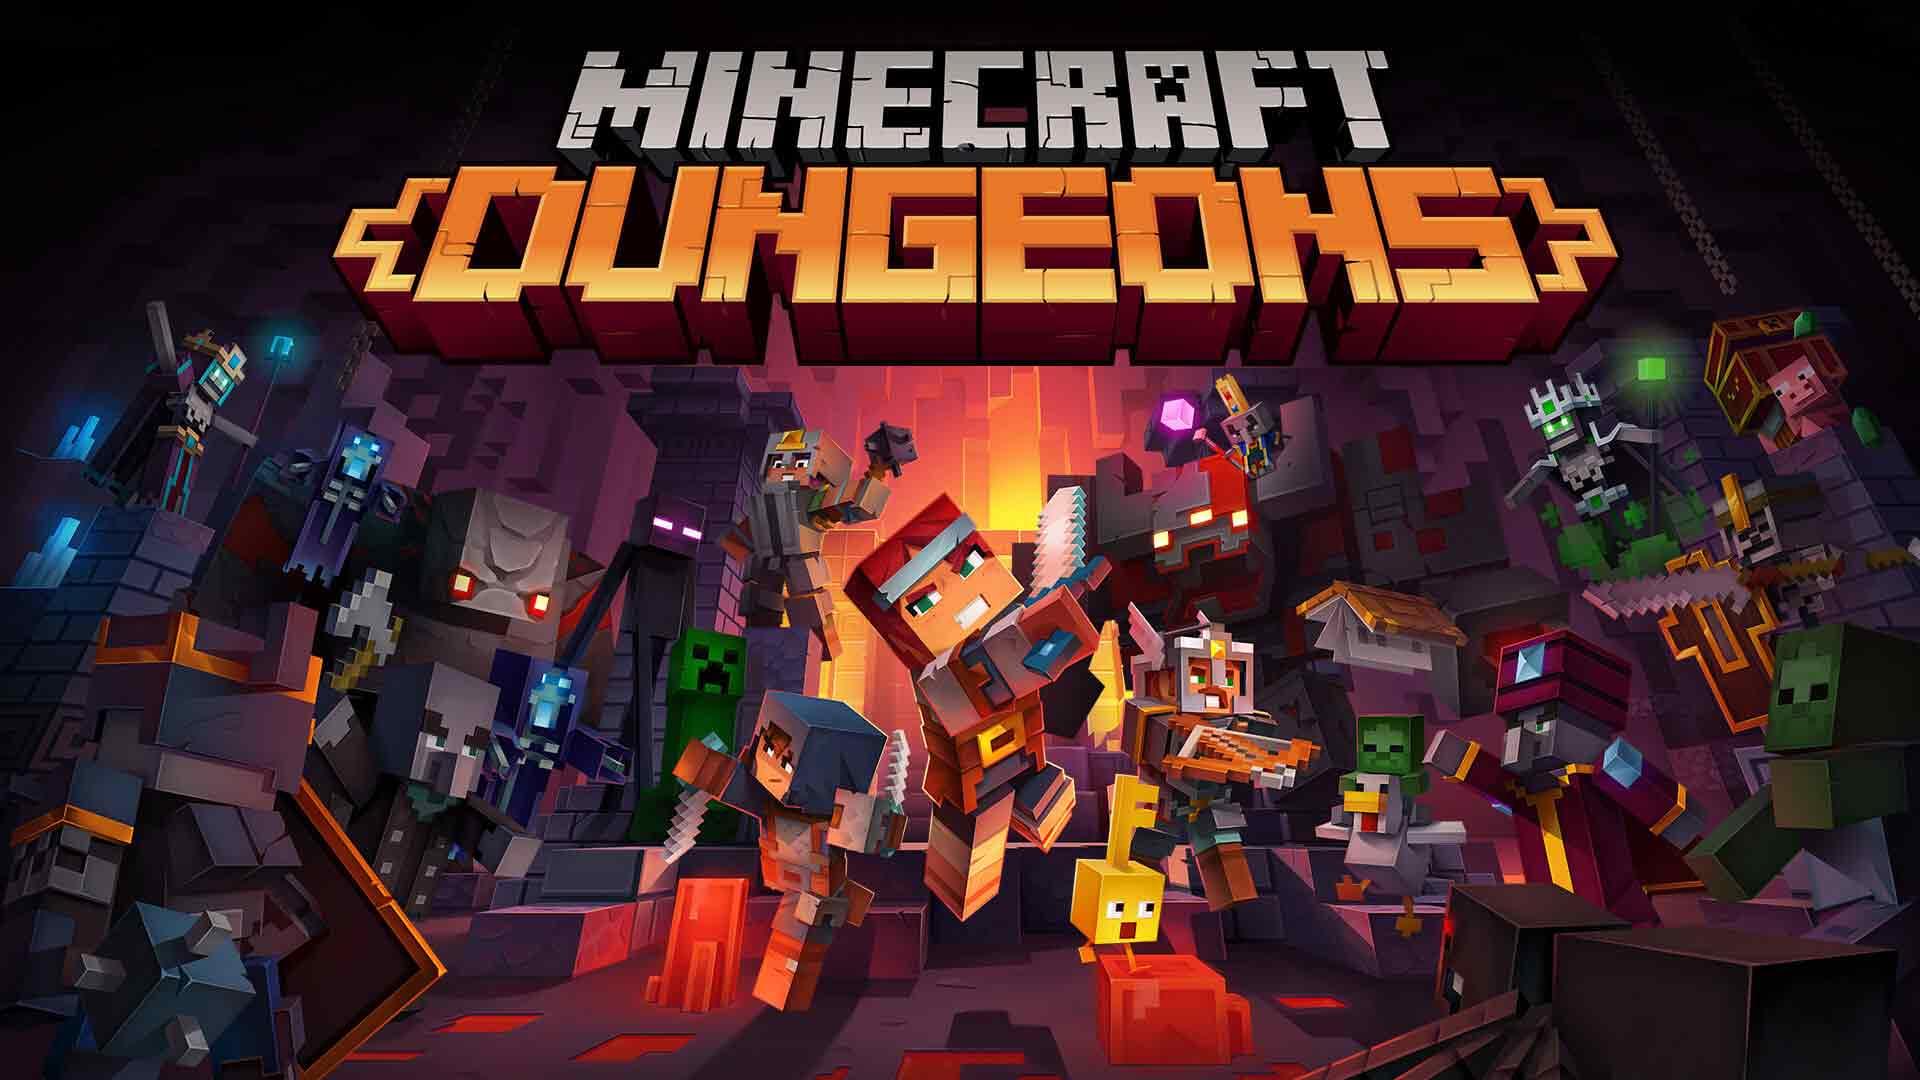 5 เกมฟรีPC ในเป็นตำนานที่ควรเล่น-minecraft-dungeons